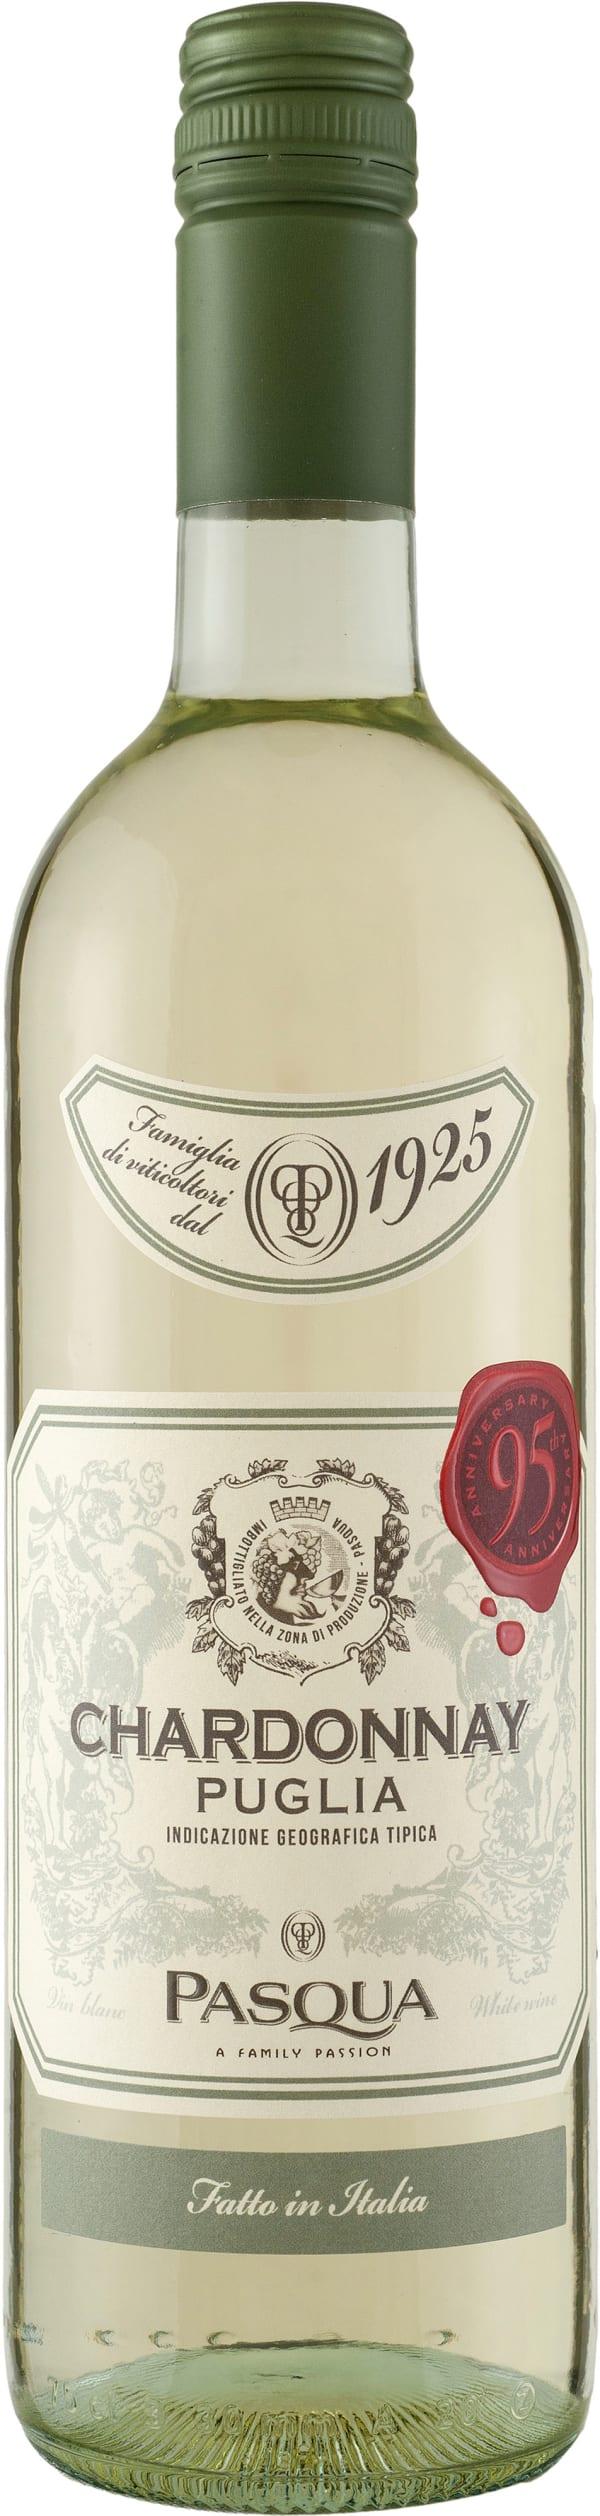 Pasqua Chardonnay di Puglia 2020